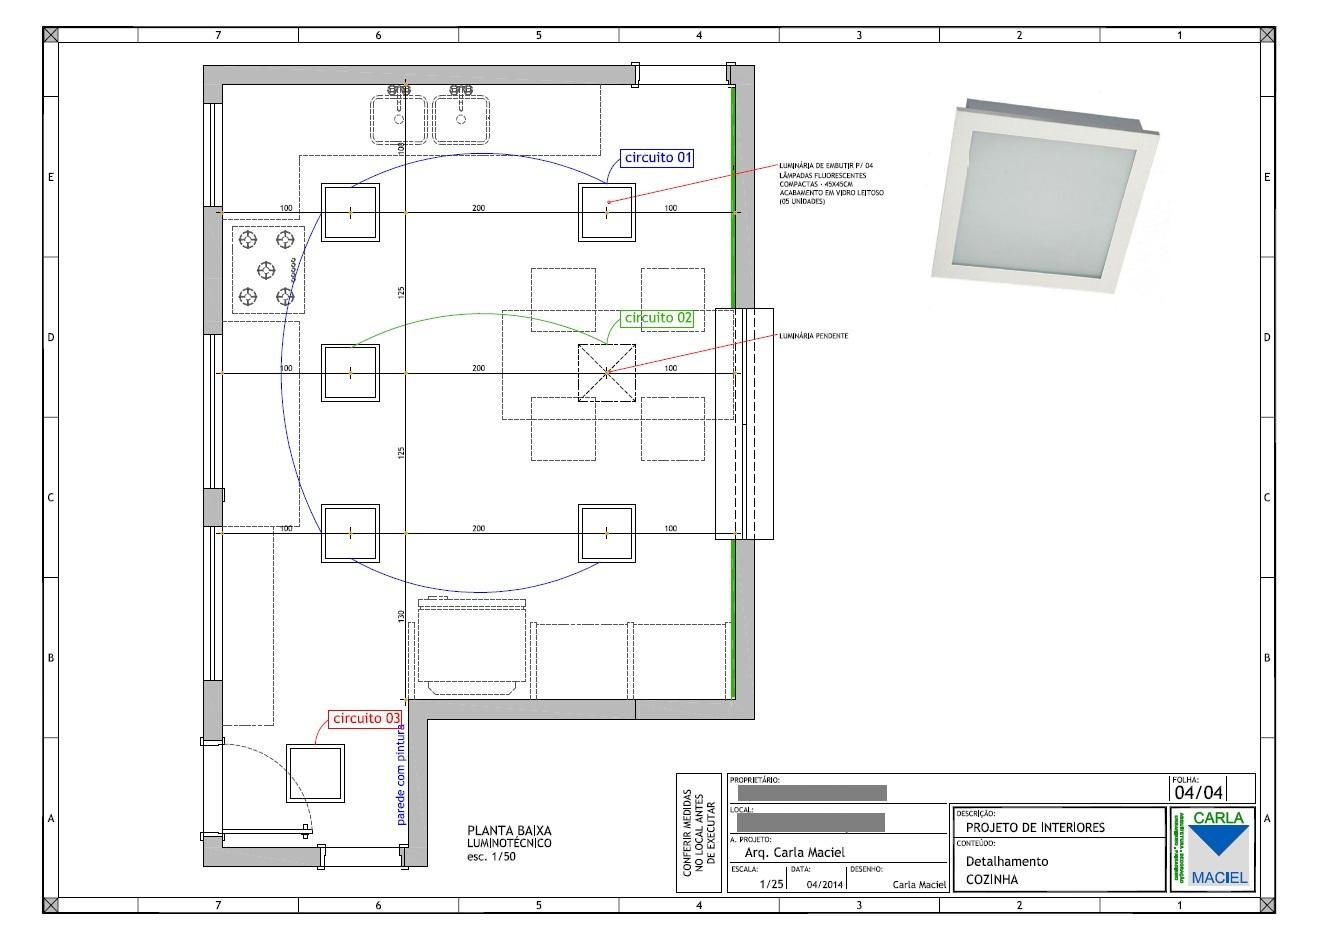 blog de decoração Arquitrecos: Projeto On line #2465A7 1320 939